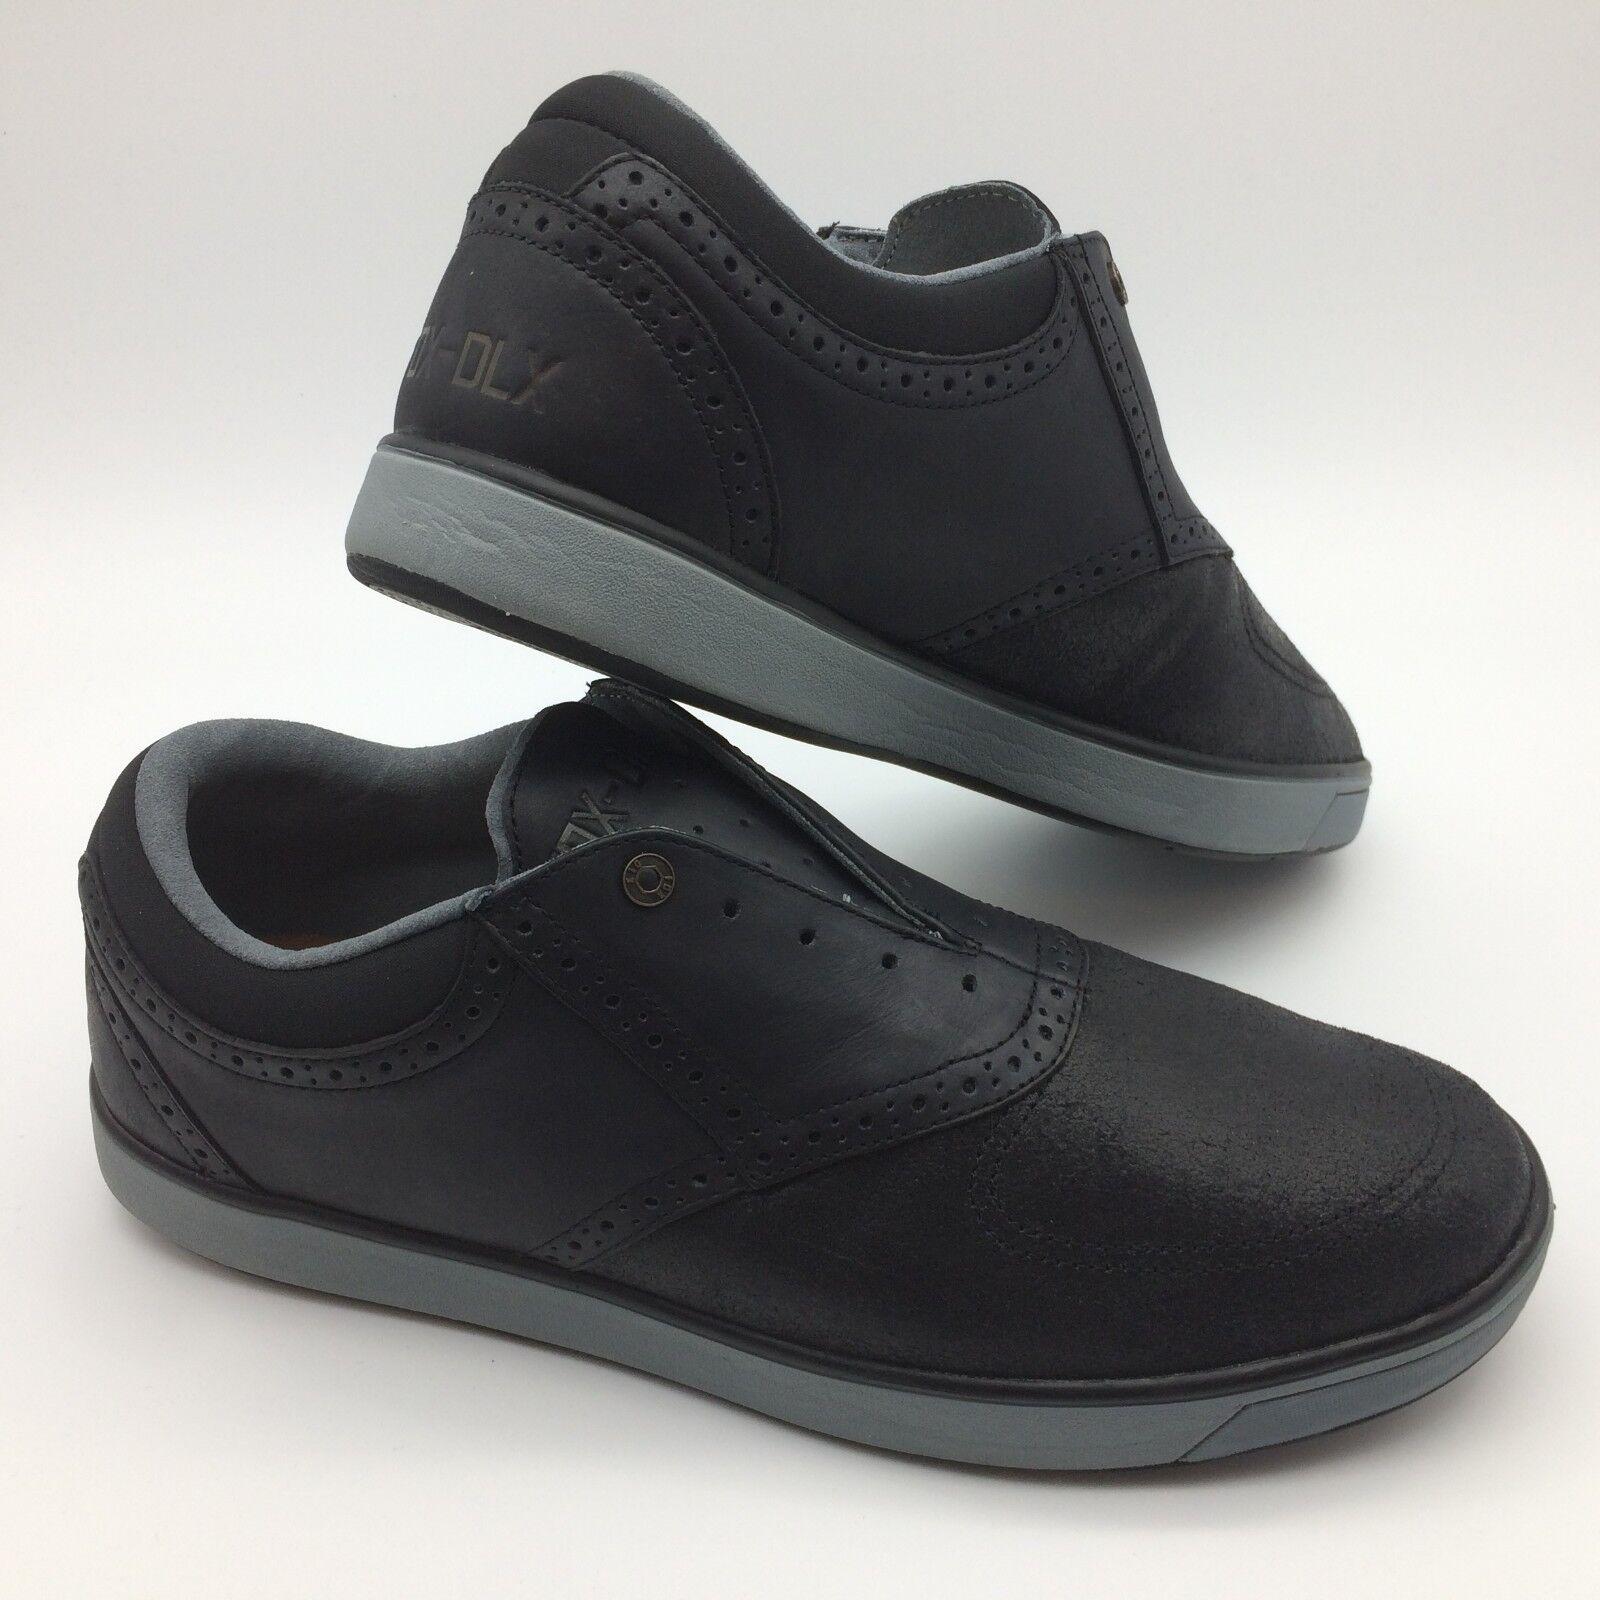 Fox Men's Shoes